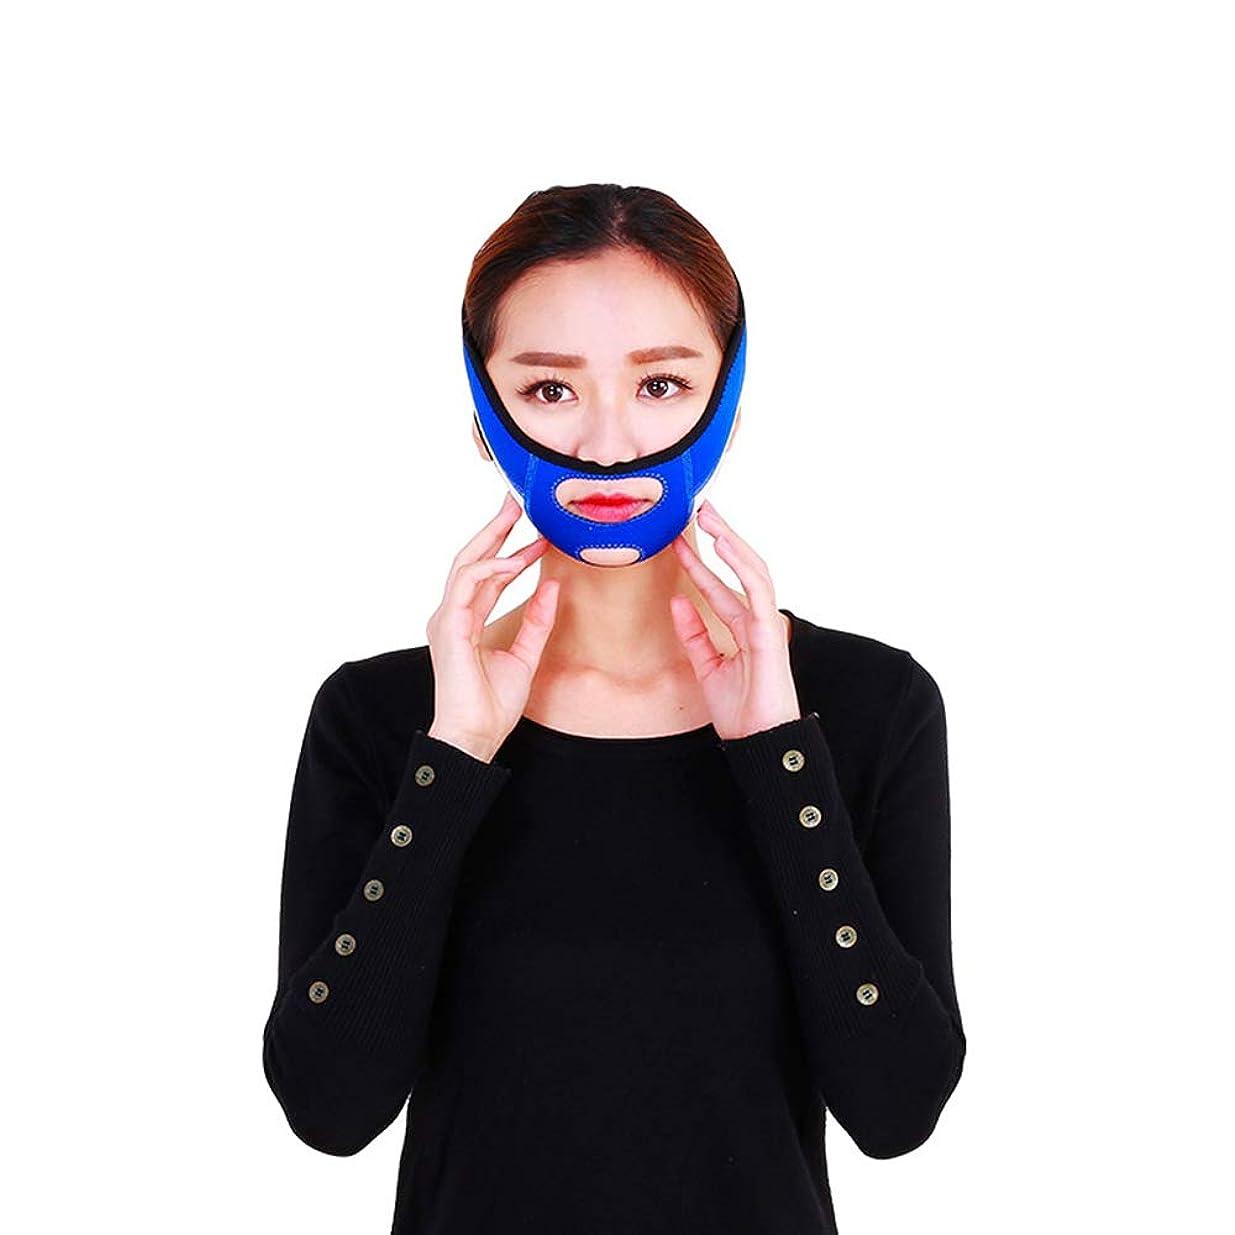 誤解する大陸消えるフェイスリフトベルト 顔を持ち上げるベルト - 顔を持ち上げる包帯は、上顎顔面修正ツールを強力に強化し、顔面マスクのV字形の人工物